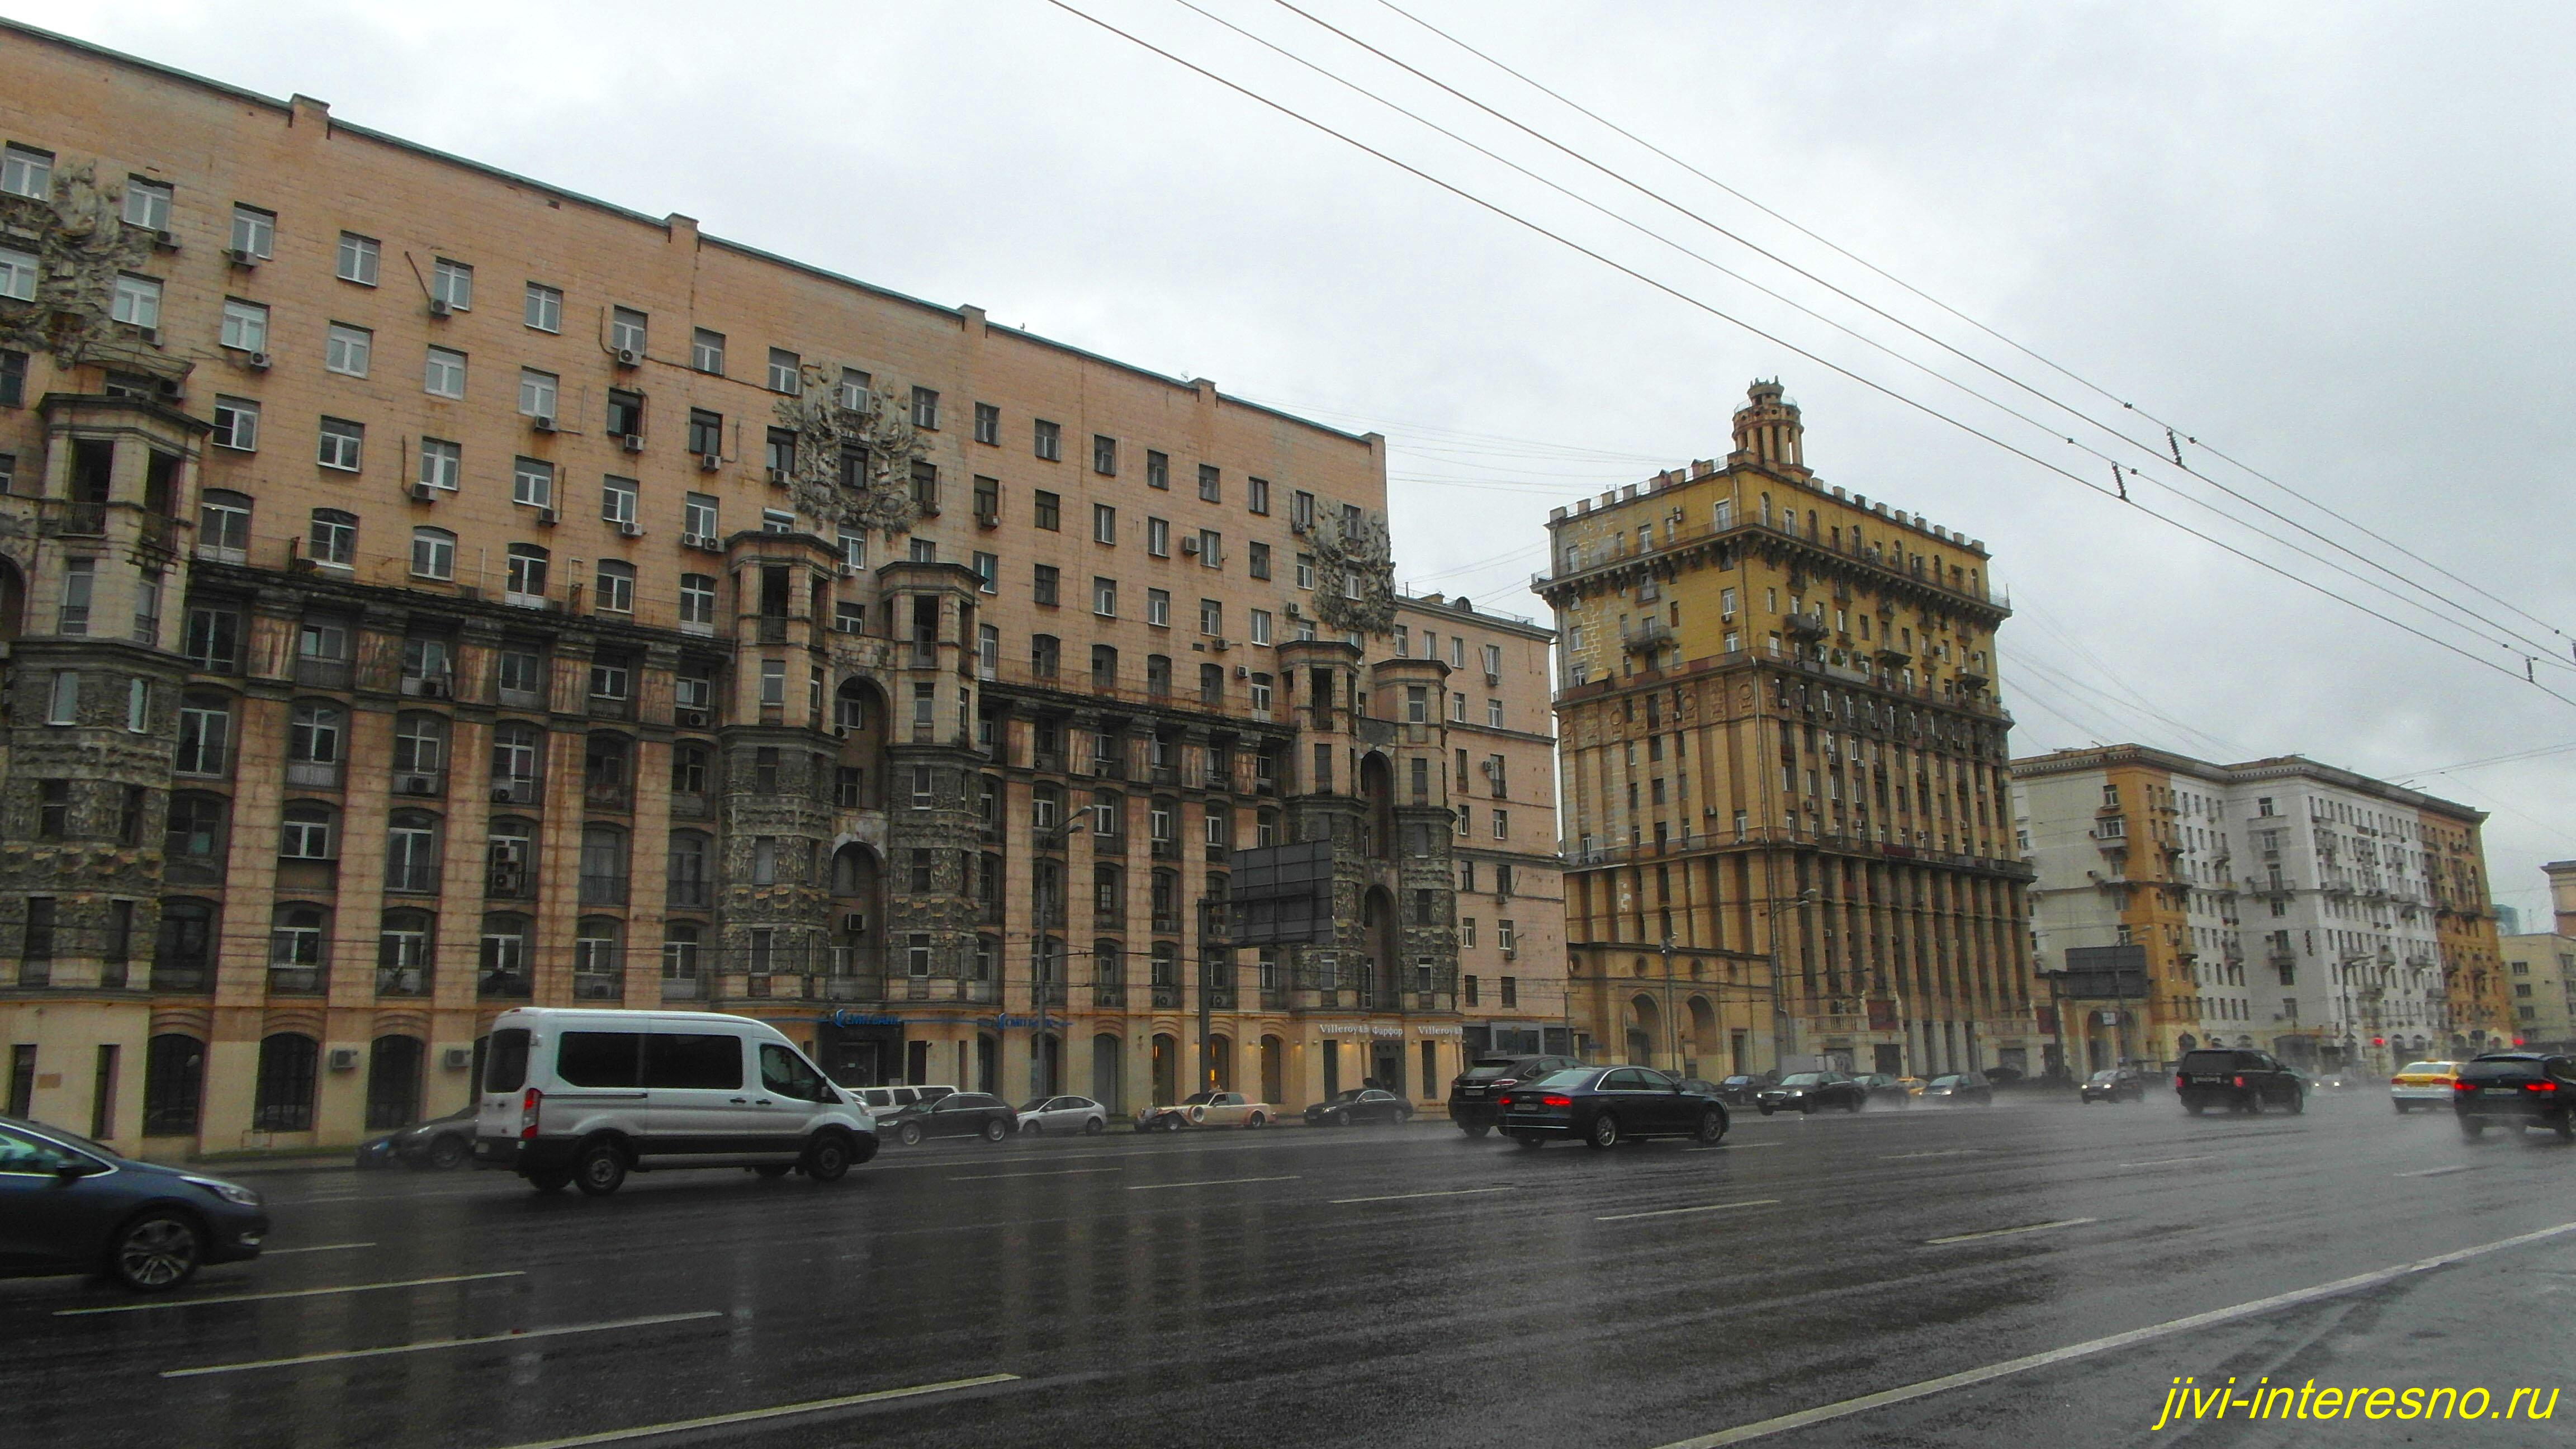 Осенняя Москва, Кутузовский проспект, Москва-Сити